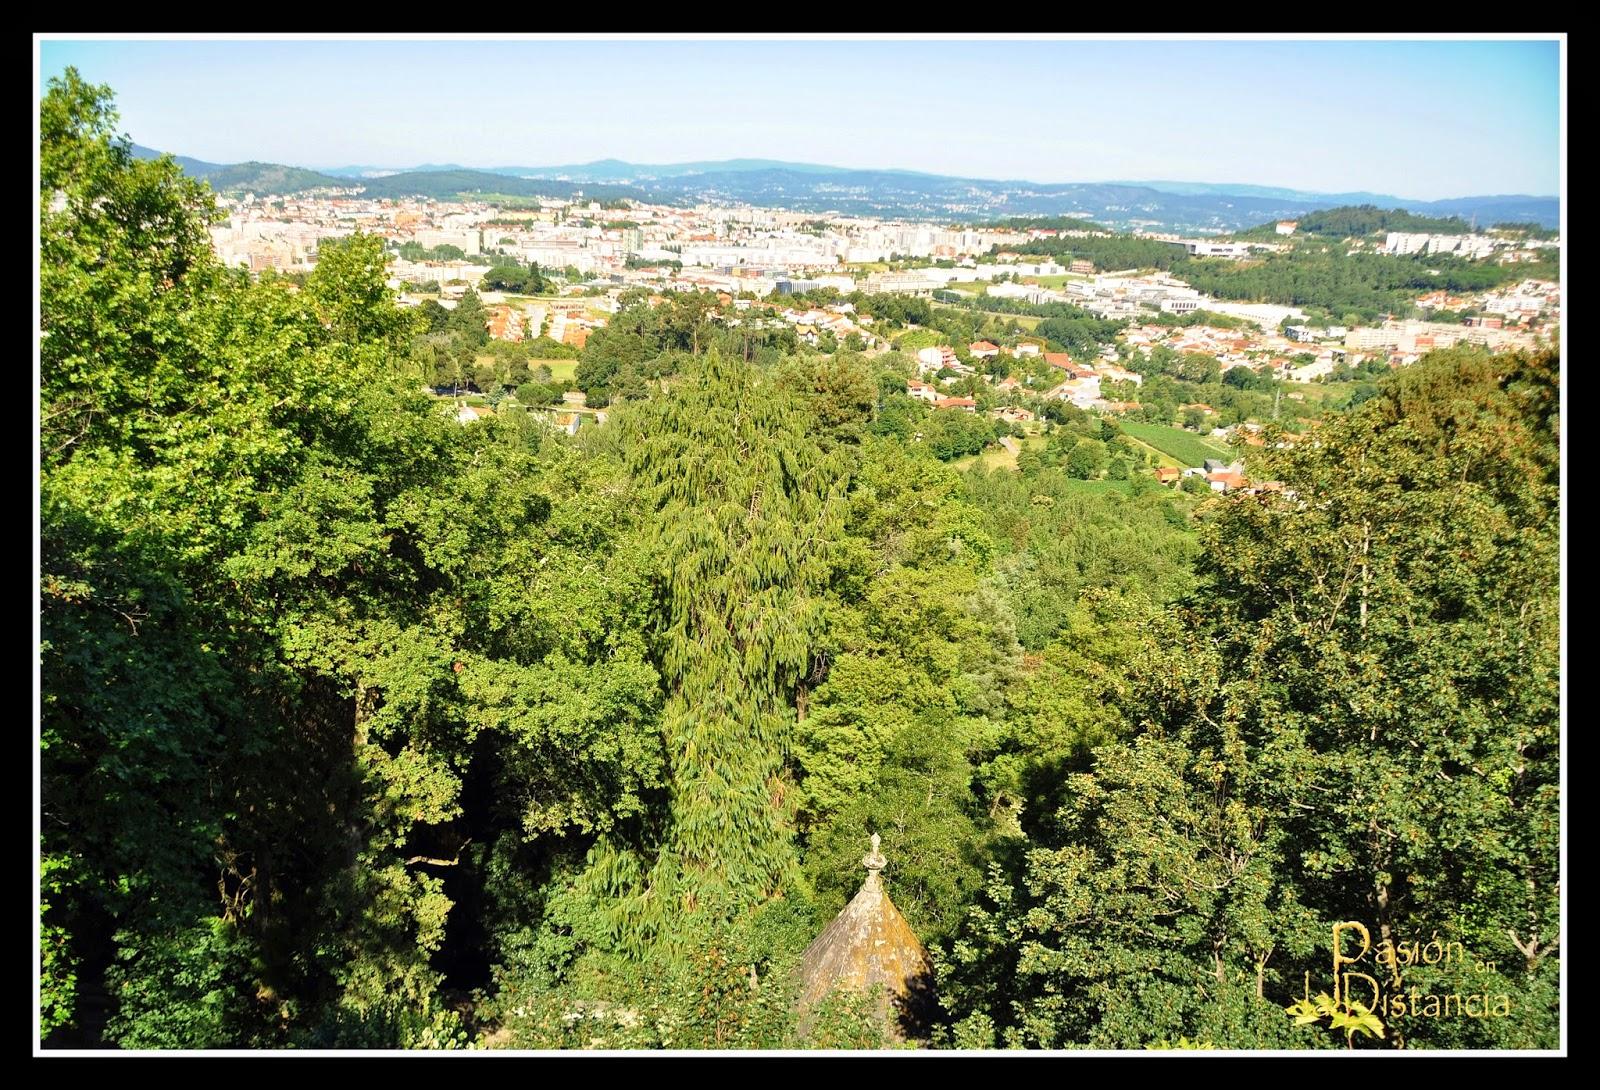 Vistas de la ciudad de Braga desde el Santuario Bom Jesú